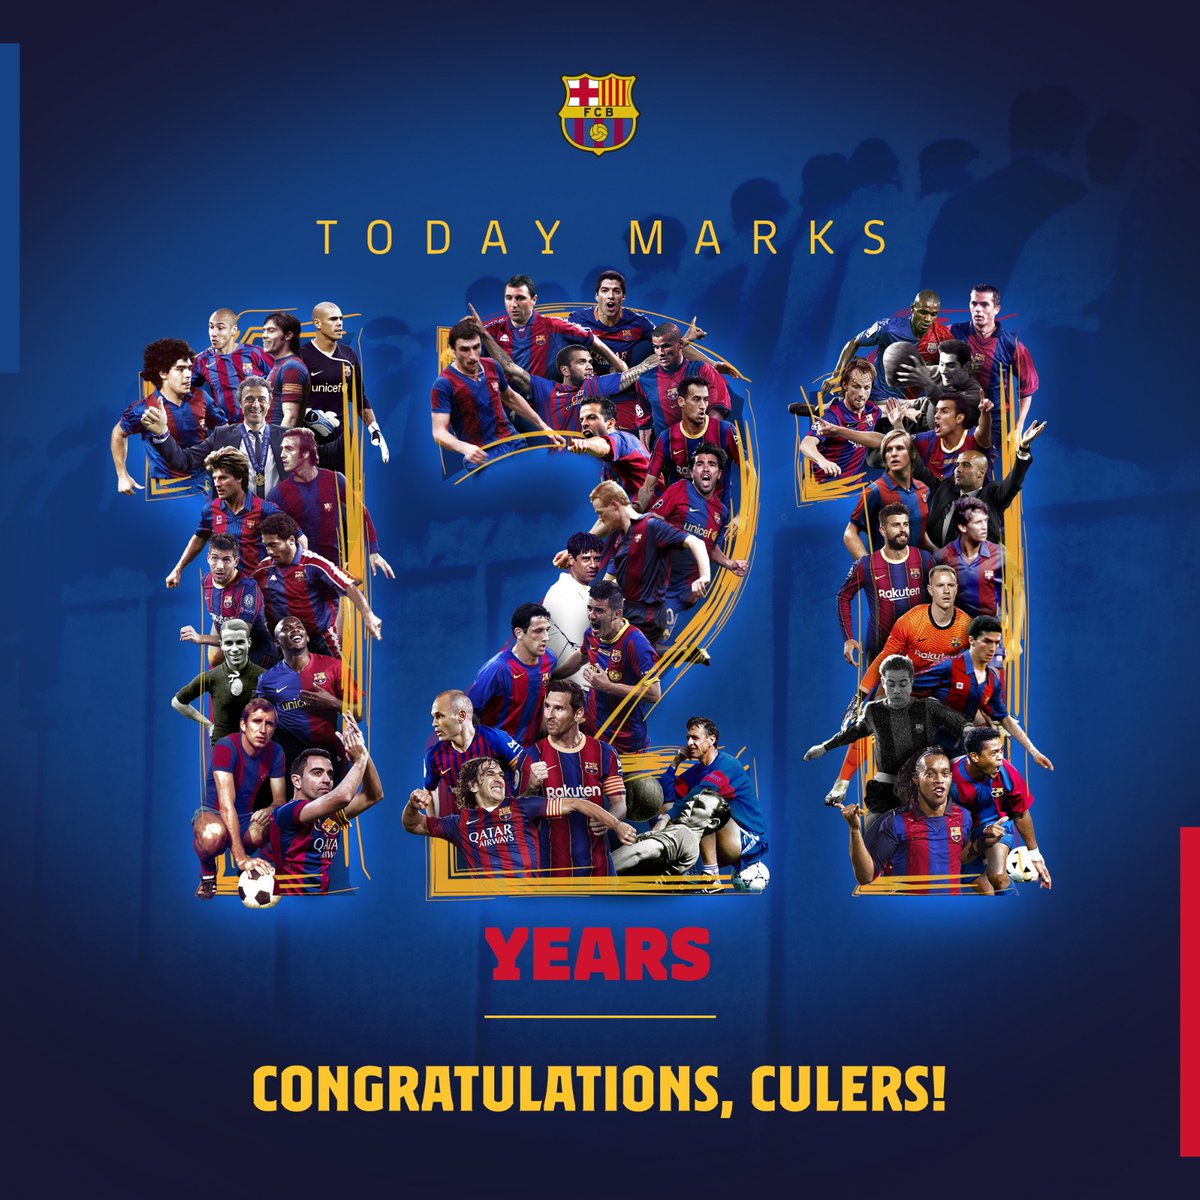 Replying to @FCBarcelona: 🎂 1️⃣2️⃣1️⃣ years of history, 1️⃣2️⃣1️⃣ years being #Culers 💙❤️